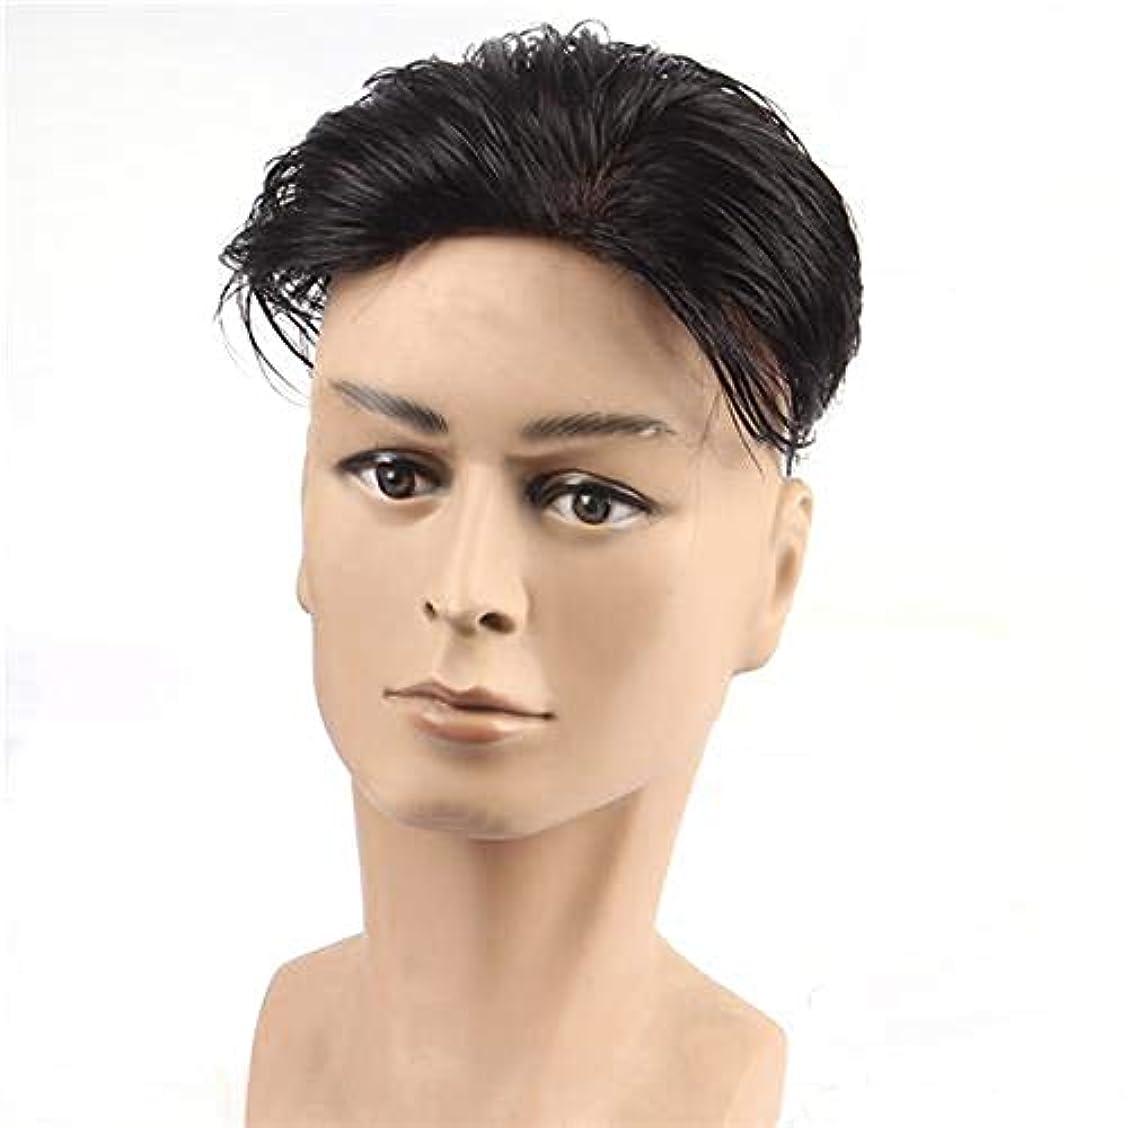 学生道を作るひねくれたYOUQIU 黒人男性ガイショートレイヤーカーリー波状のアニメのコスプレパーティーの髪カツラウィッグ (色 : Natural black, サイズ : 18x20)